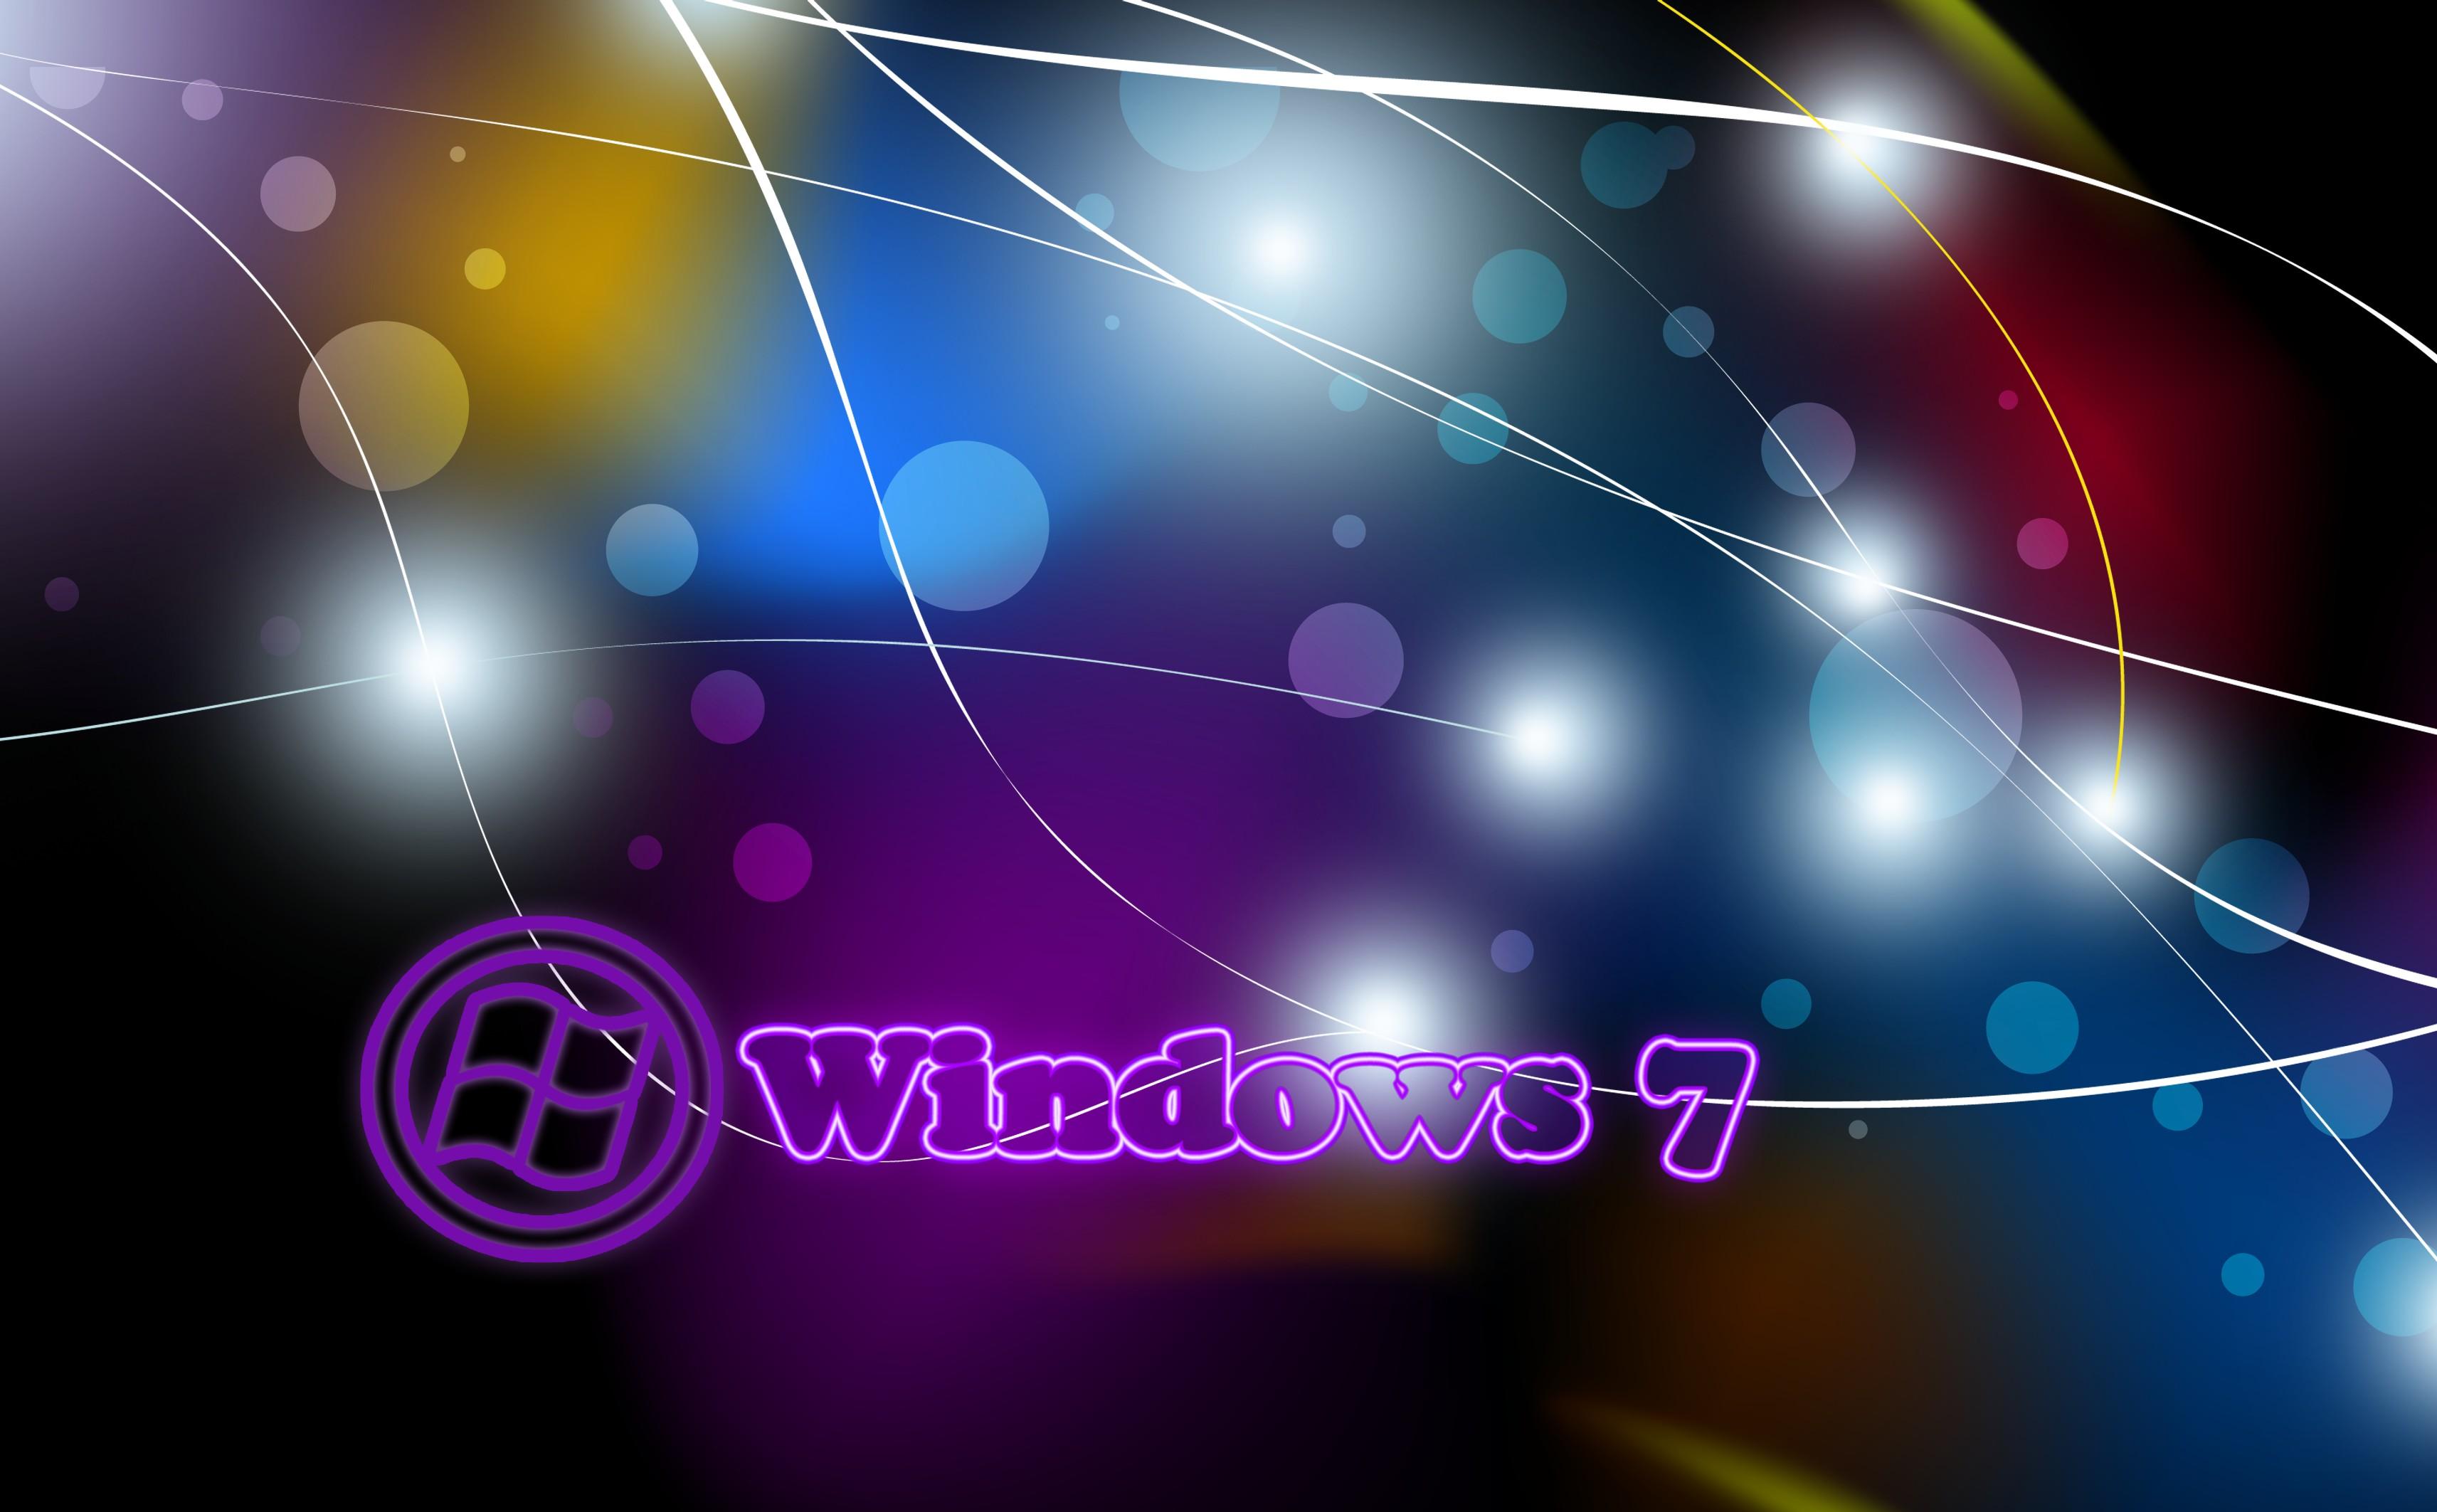 обои обои на пк, windows 7, абстракция картинки фото